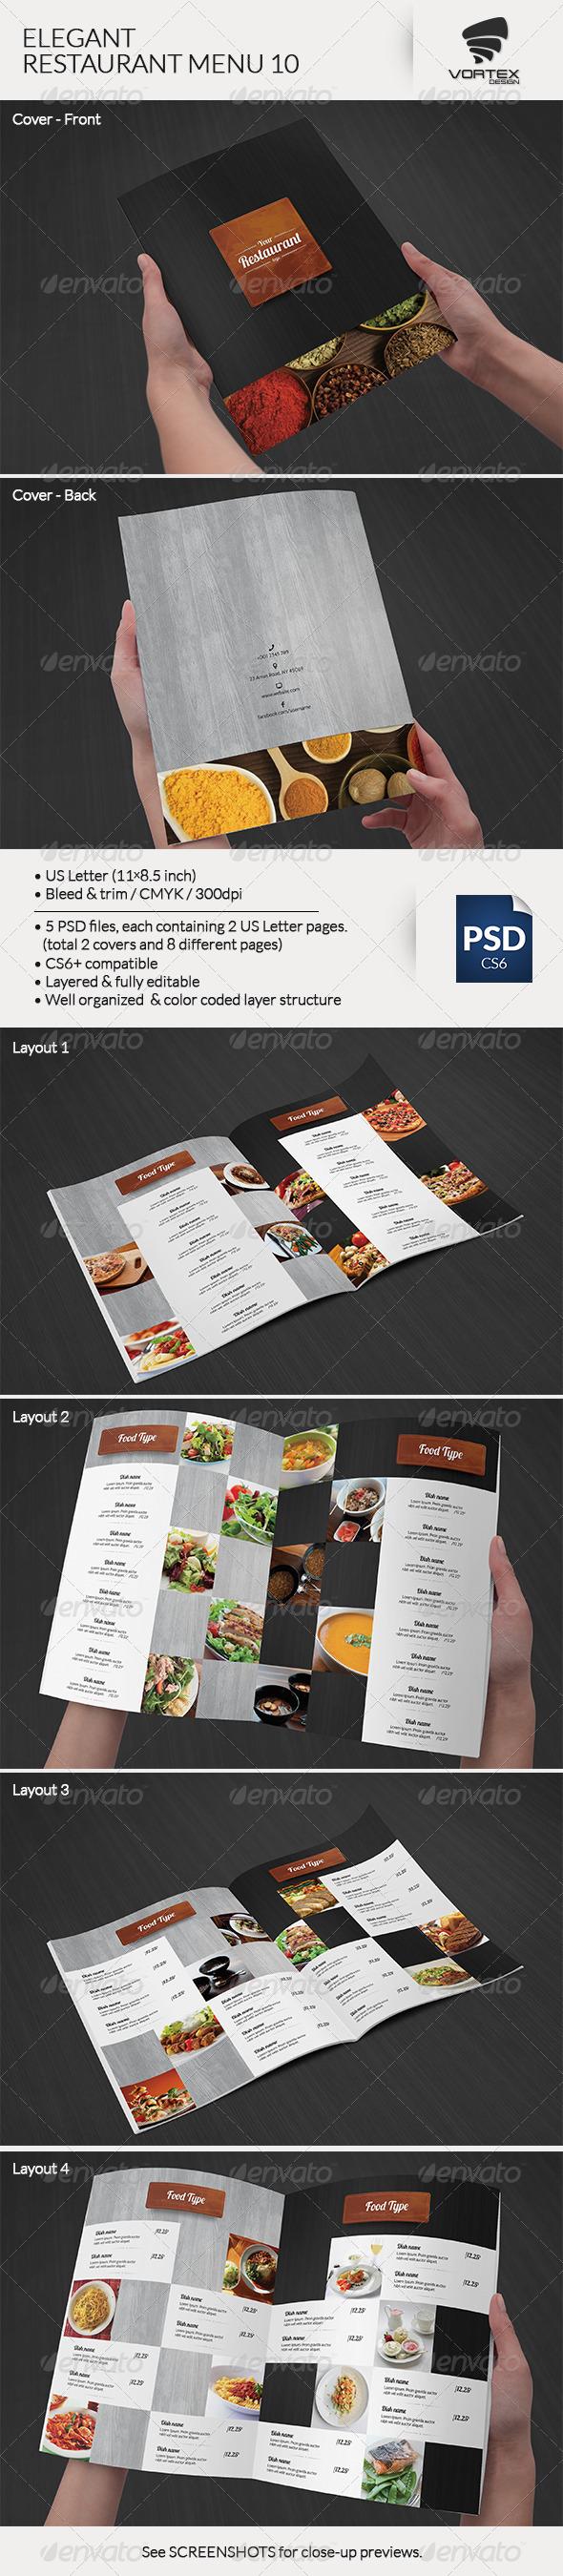 GraphicRiver Elegant Restaurant Menu 10 8158457